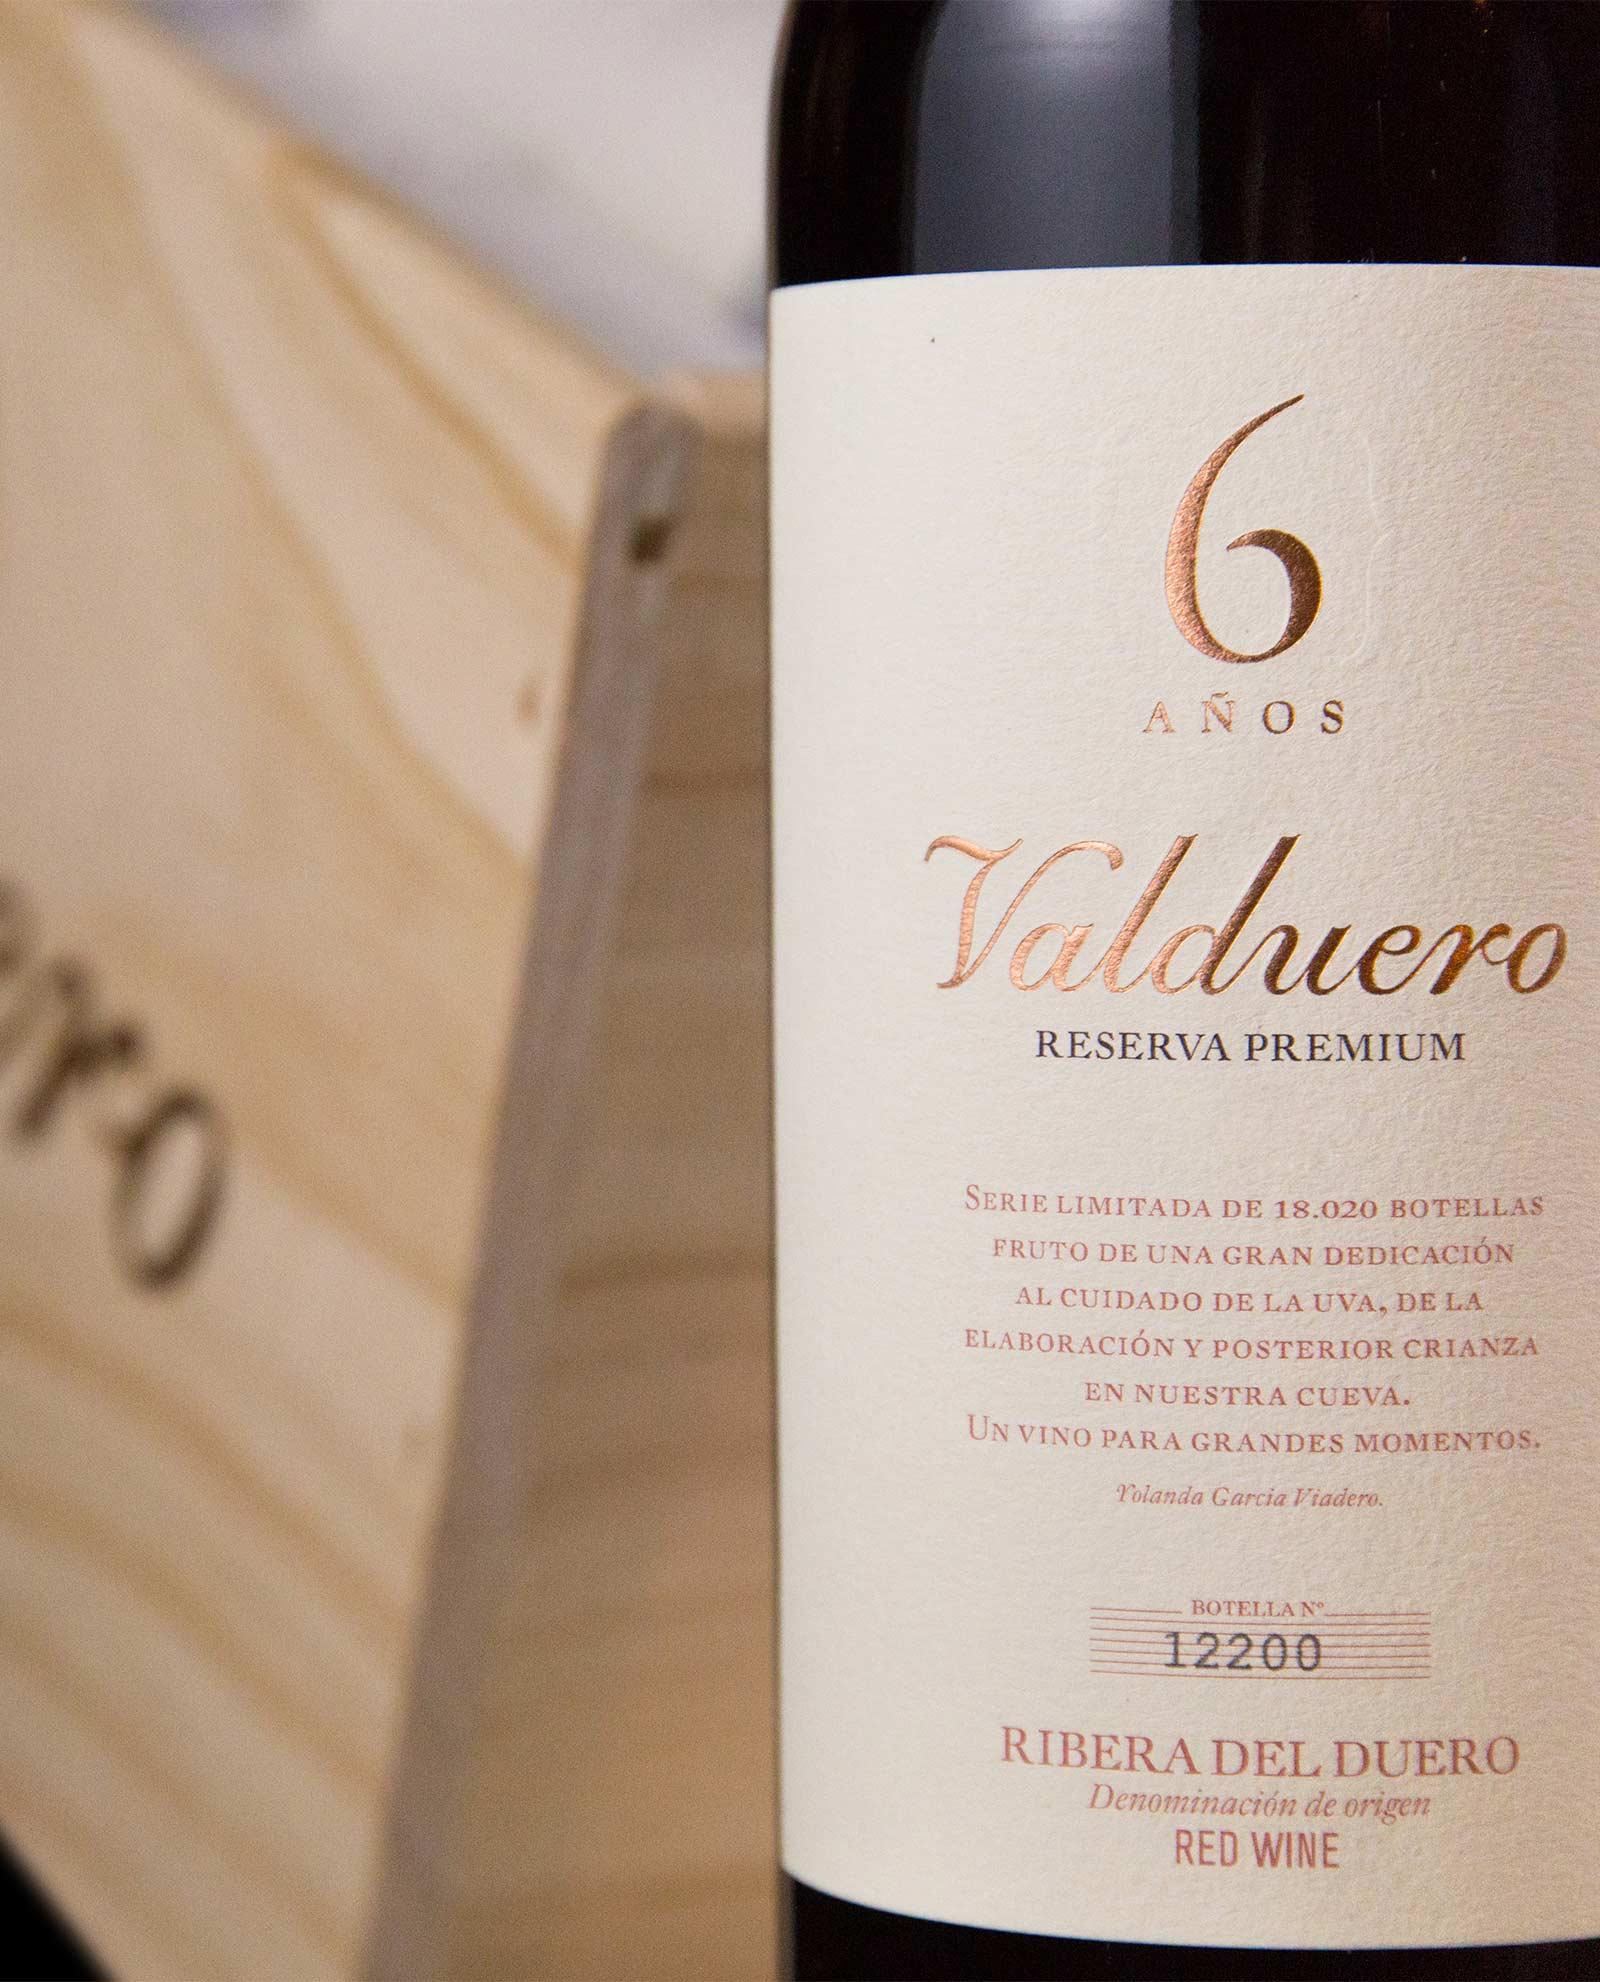 Detalle de la etiqueta Valduero 6 años en fondo de caja de madera, regalo vino gourmet